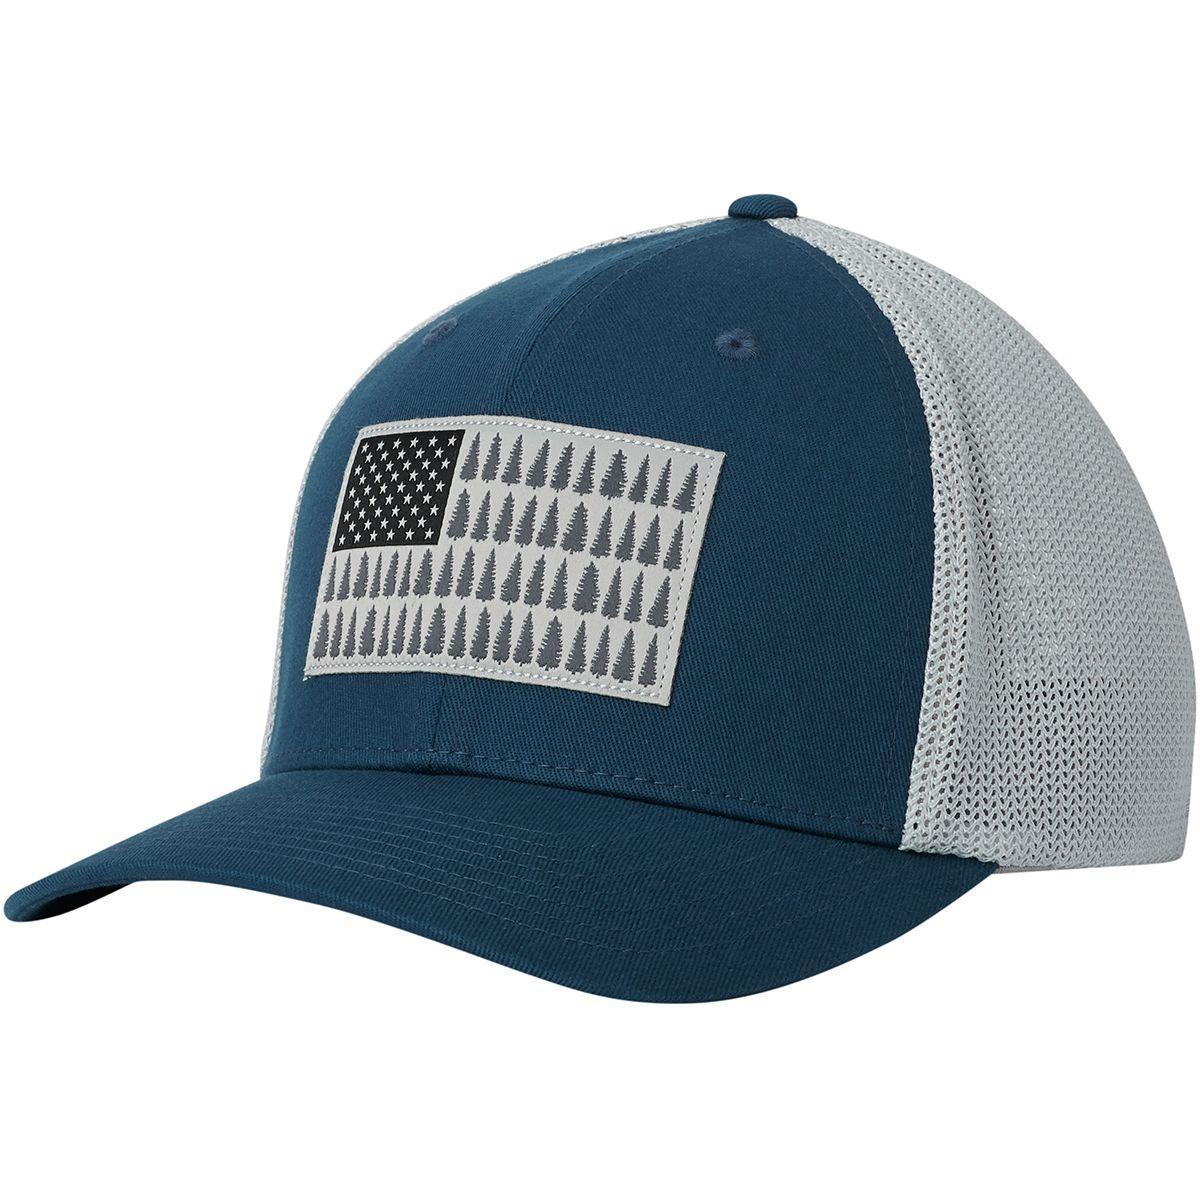 da78d5cb2c0 Lyst - Columbia Mesh Tree Flag Trucker Hat in Blue for Men